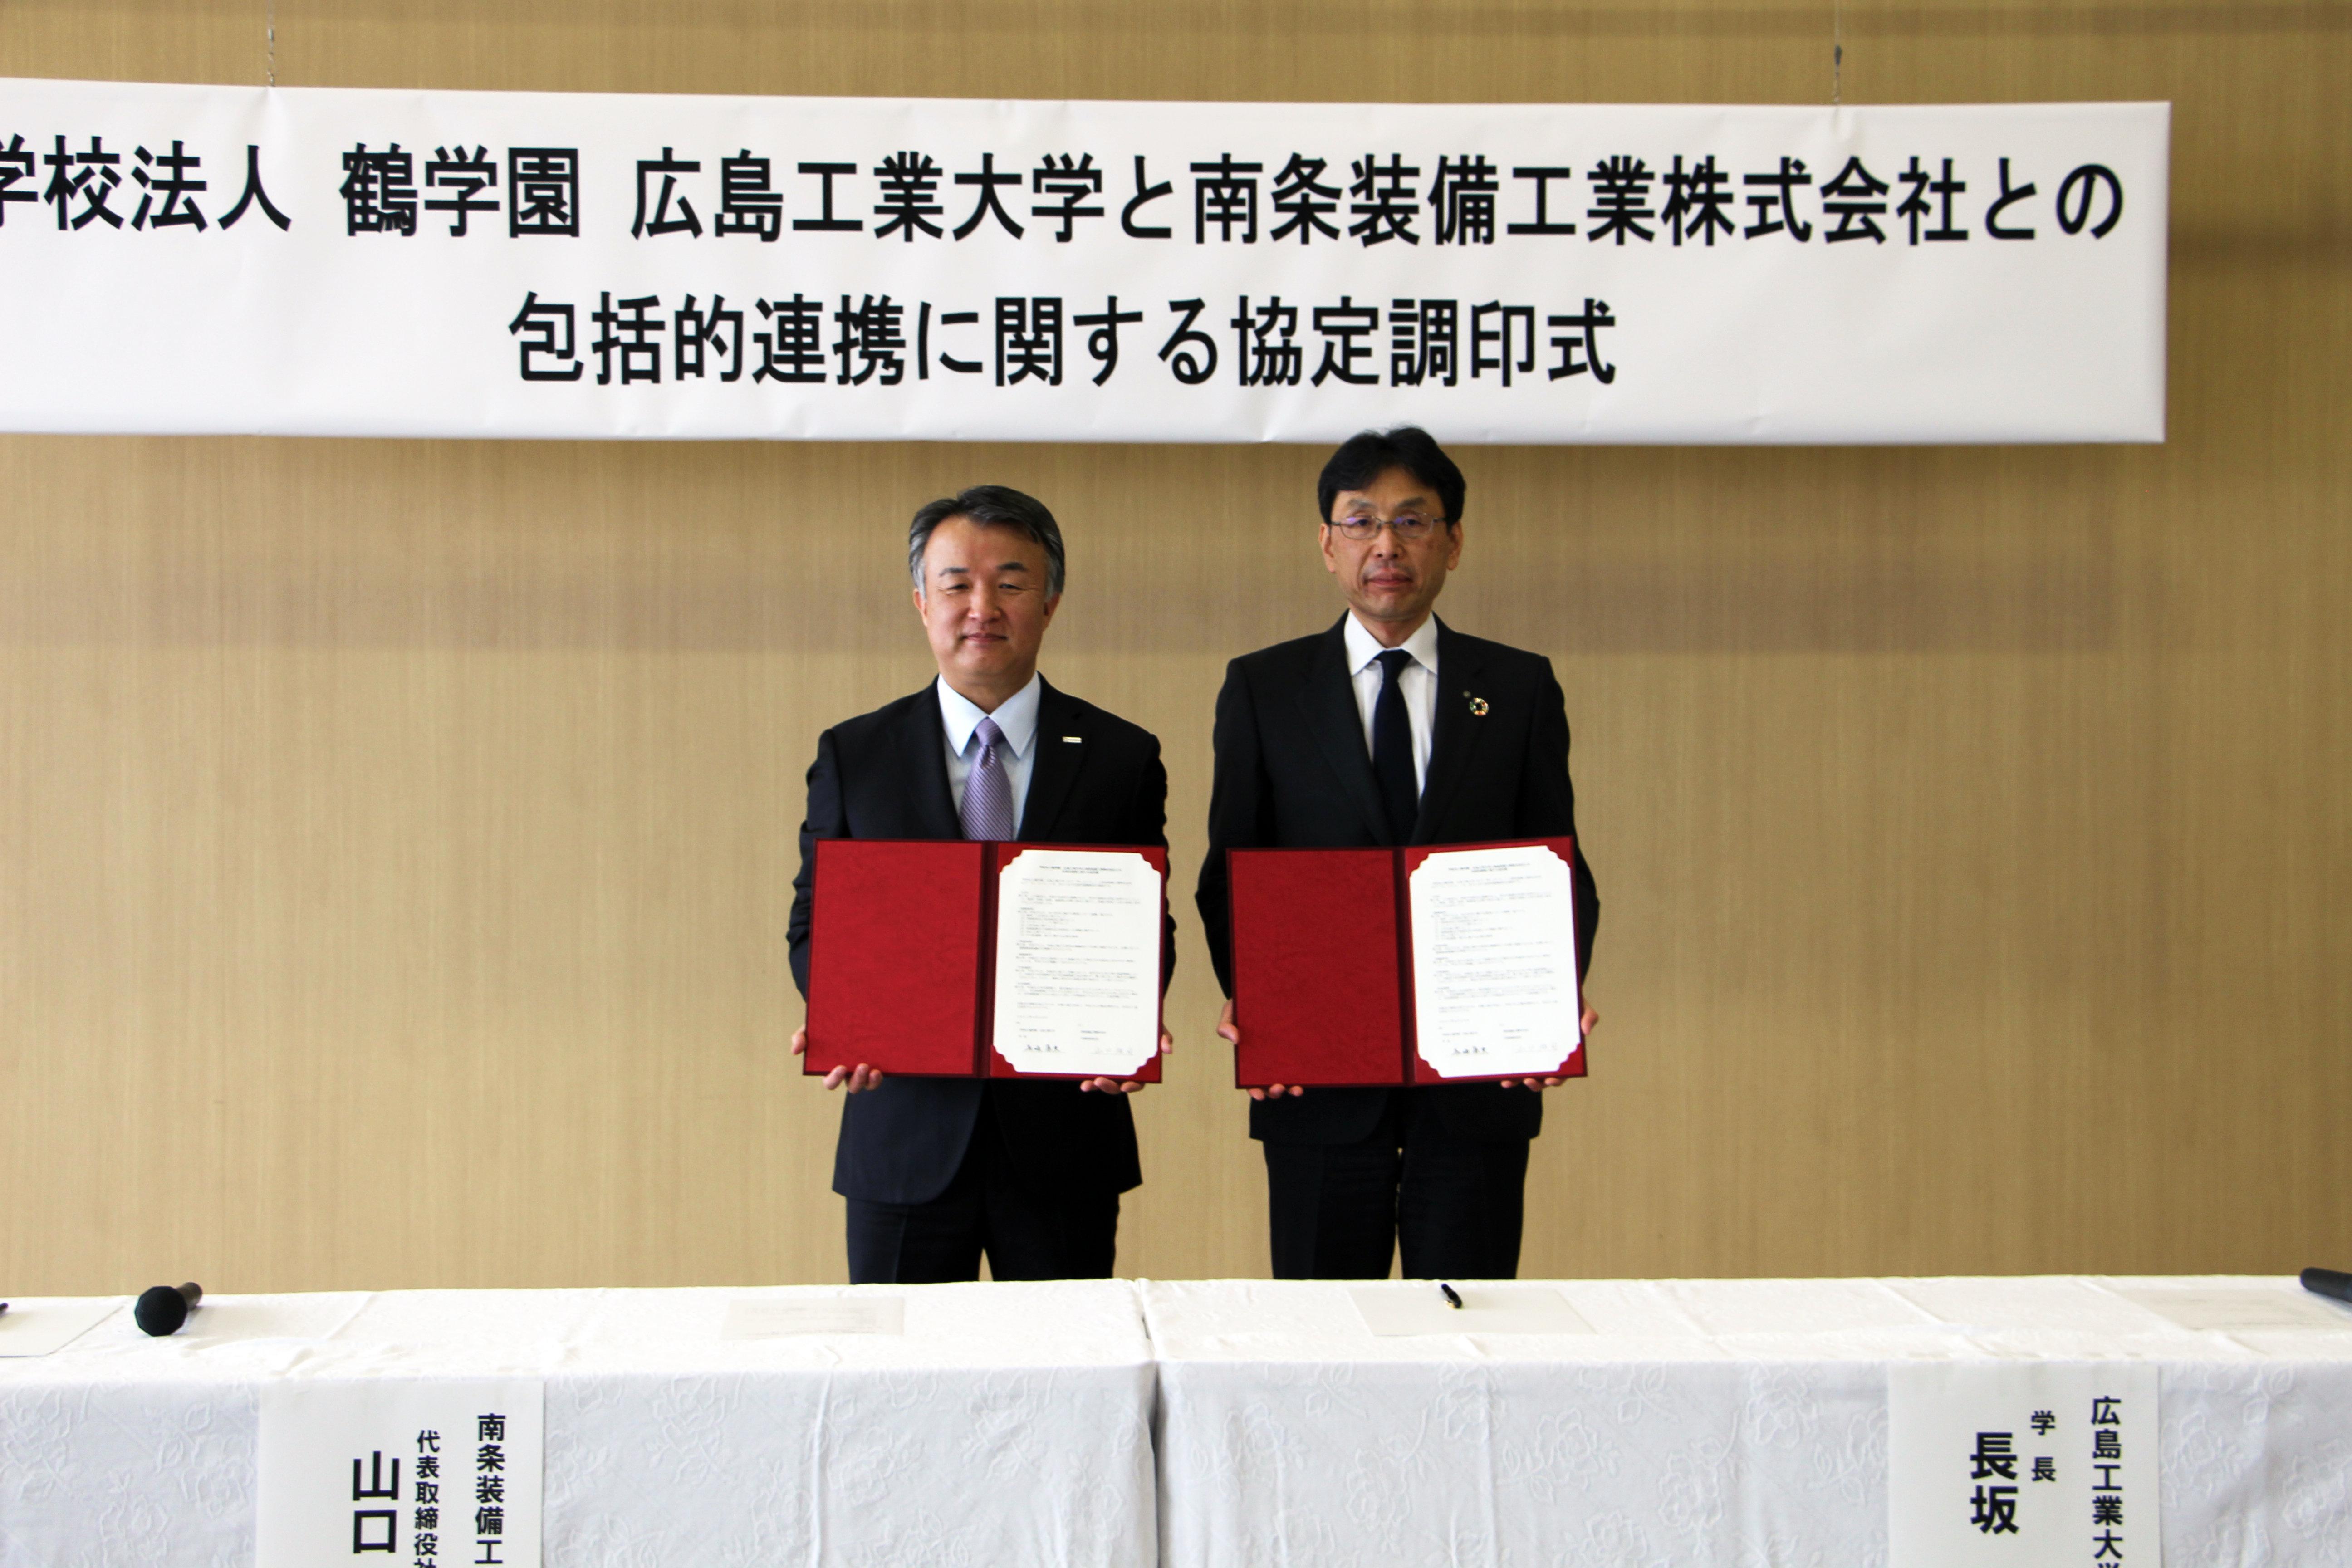 協定書を掲げる山口社長と長坂学長